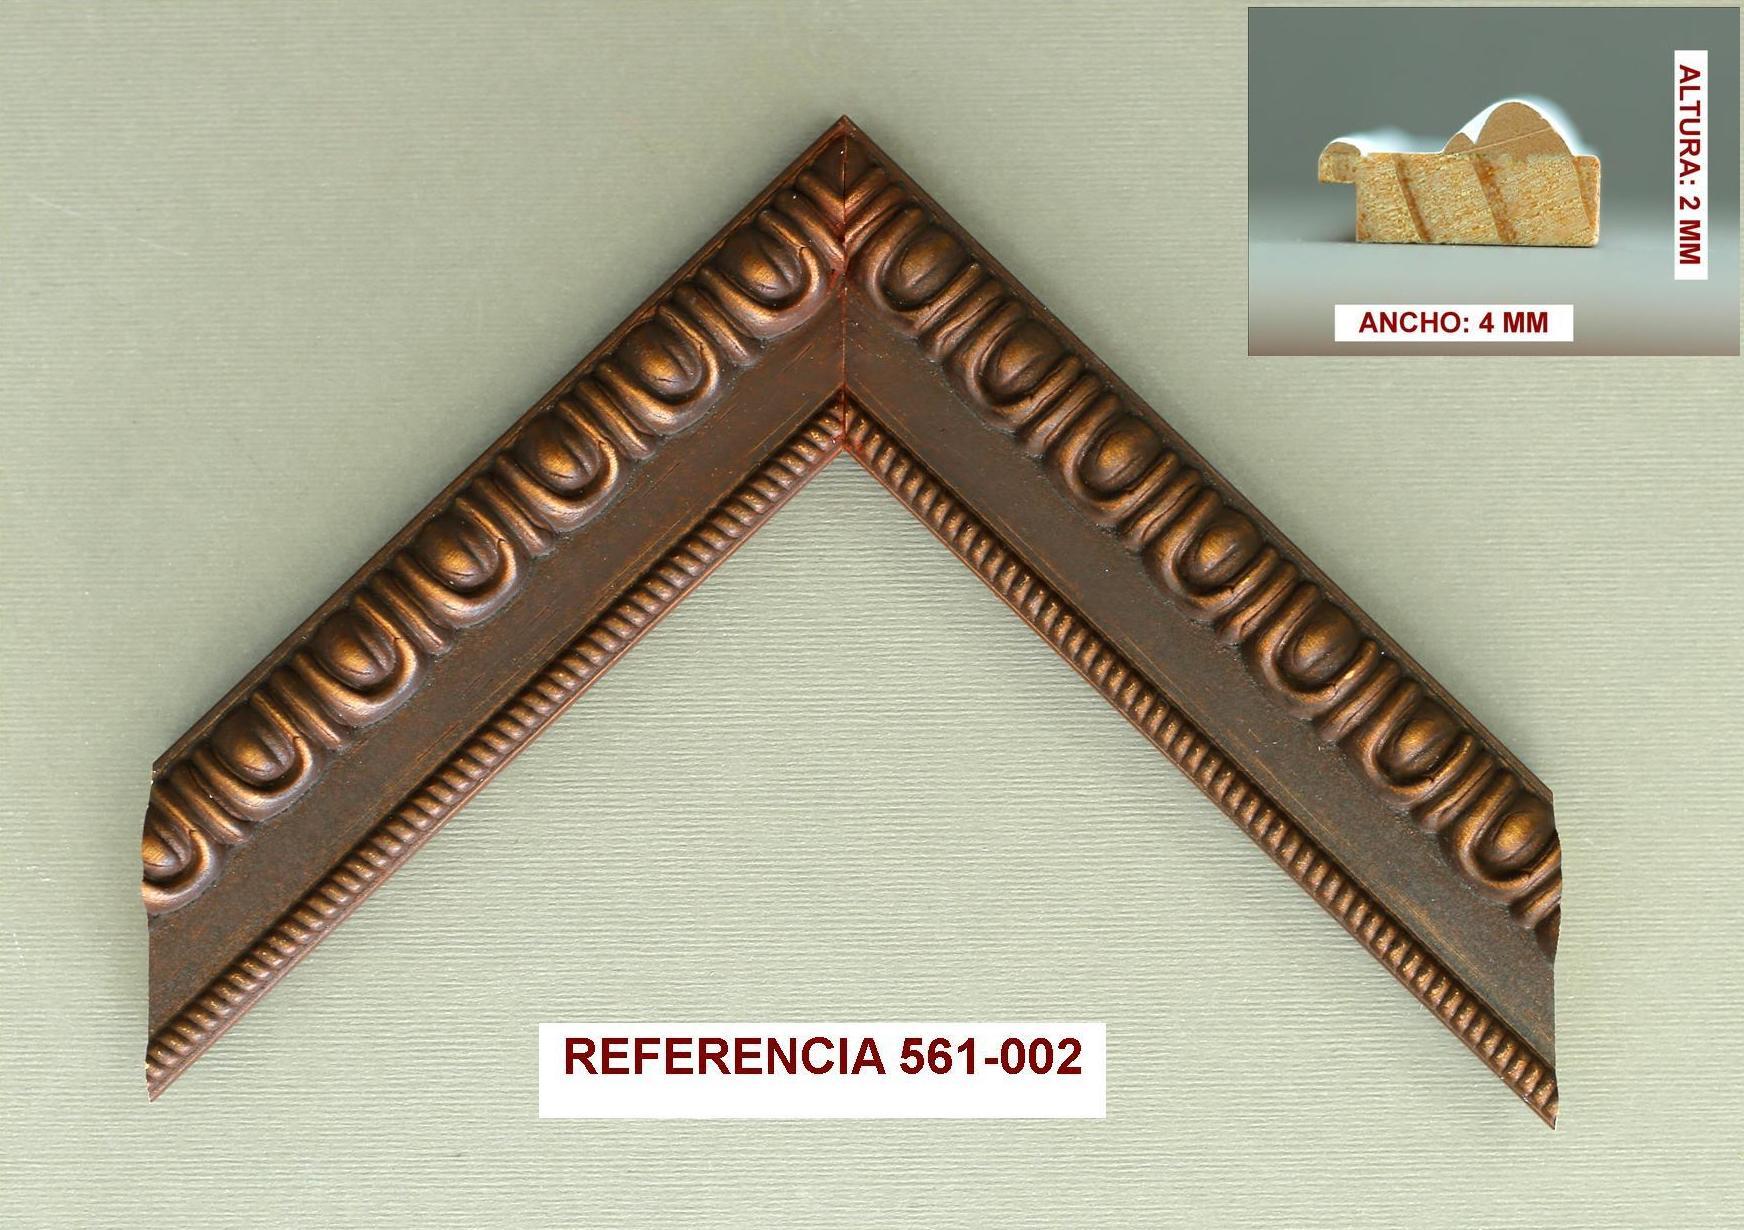 REF 561-002: Muestrario de Moldusevilla